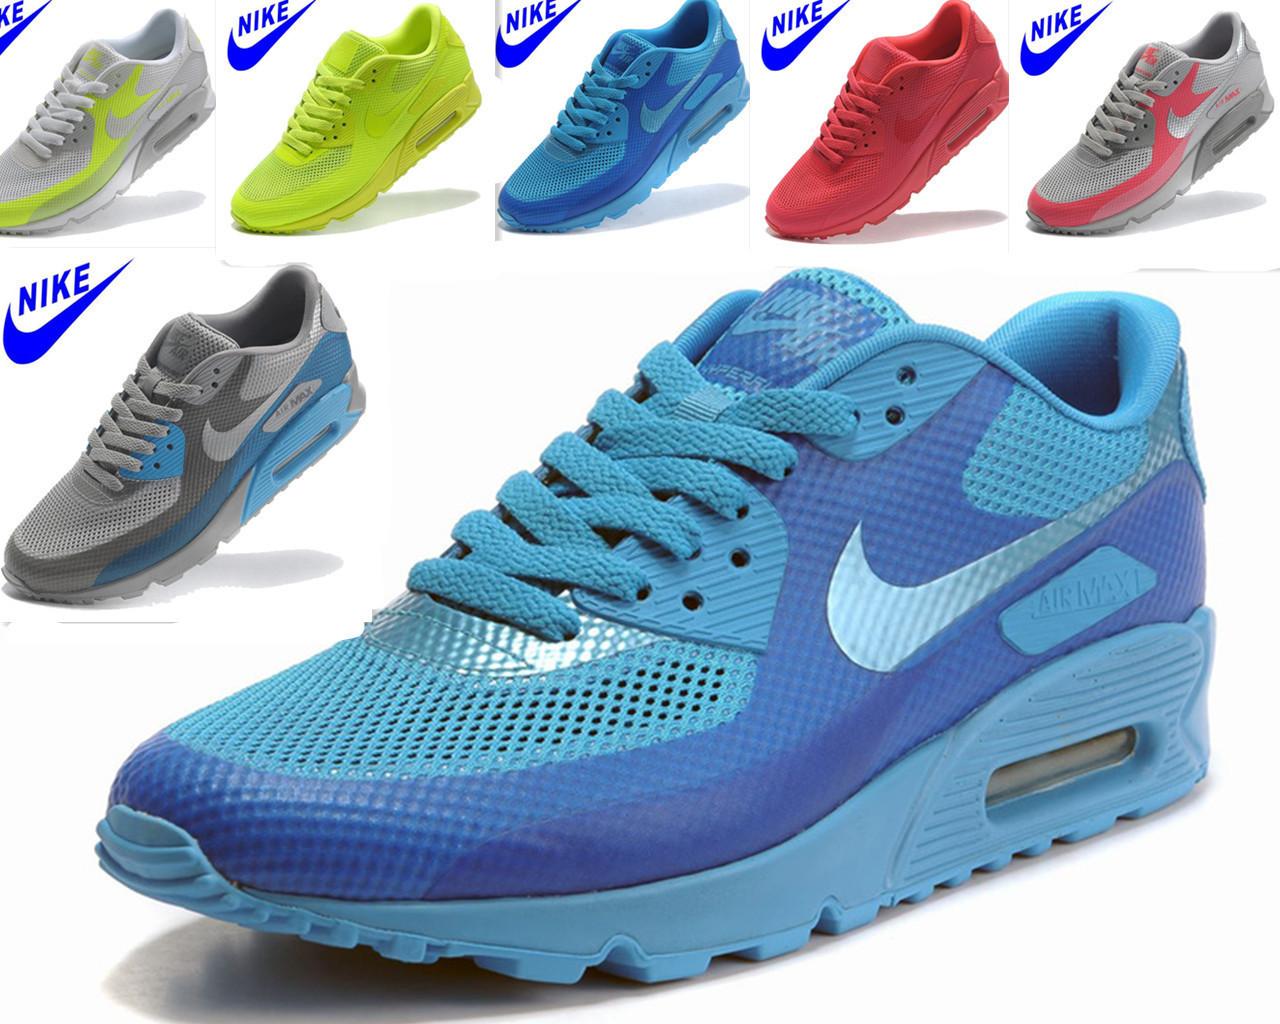 кроссовки Nike 000000 AIR MAX 90 454446-400 Сетка Летом 2012 года Унисекс Нескользящая резина